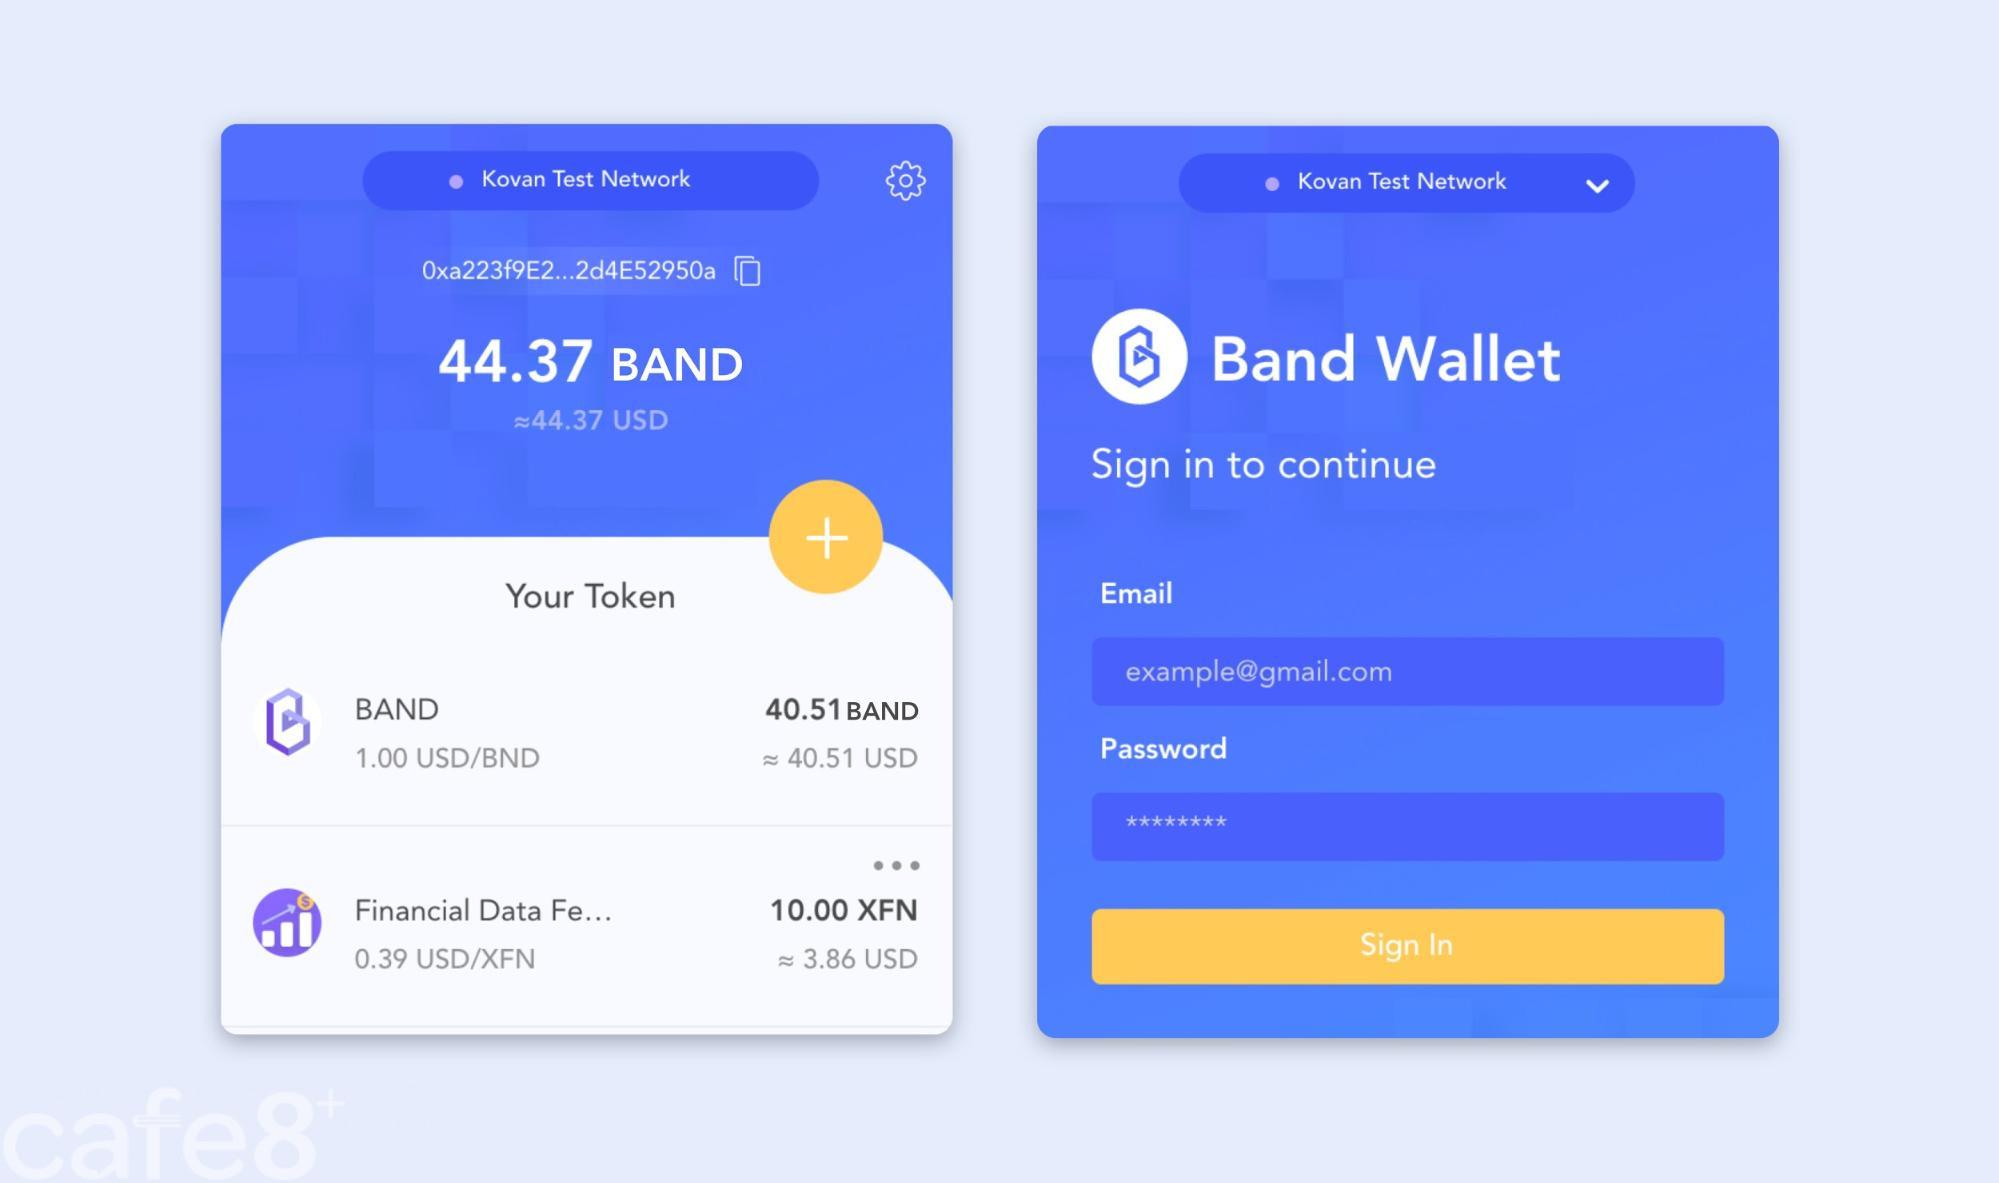 band wallet